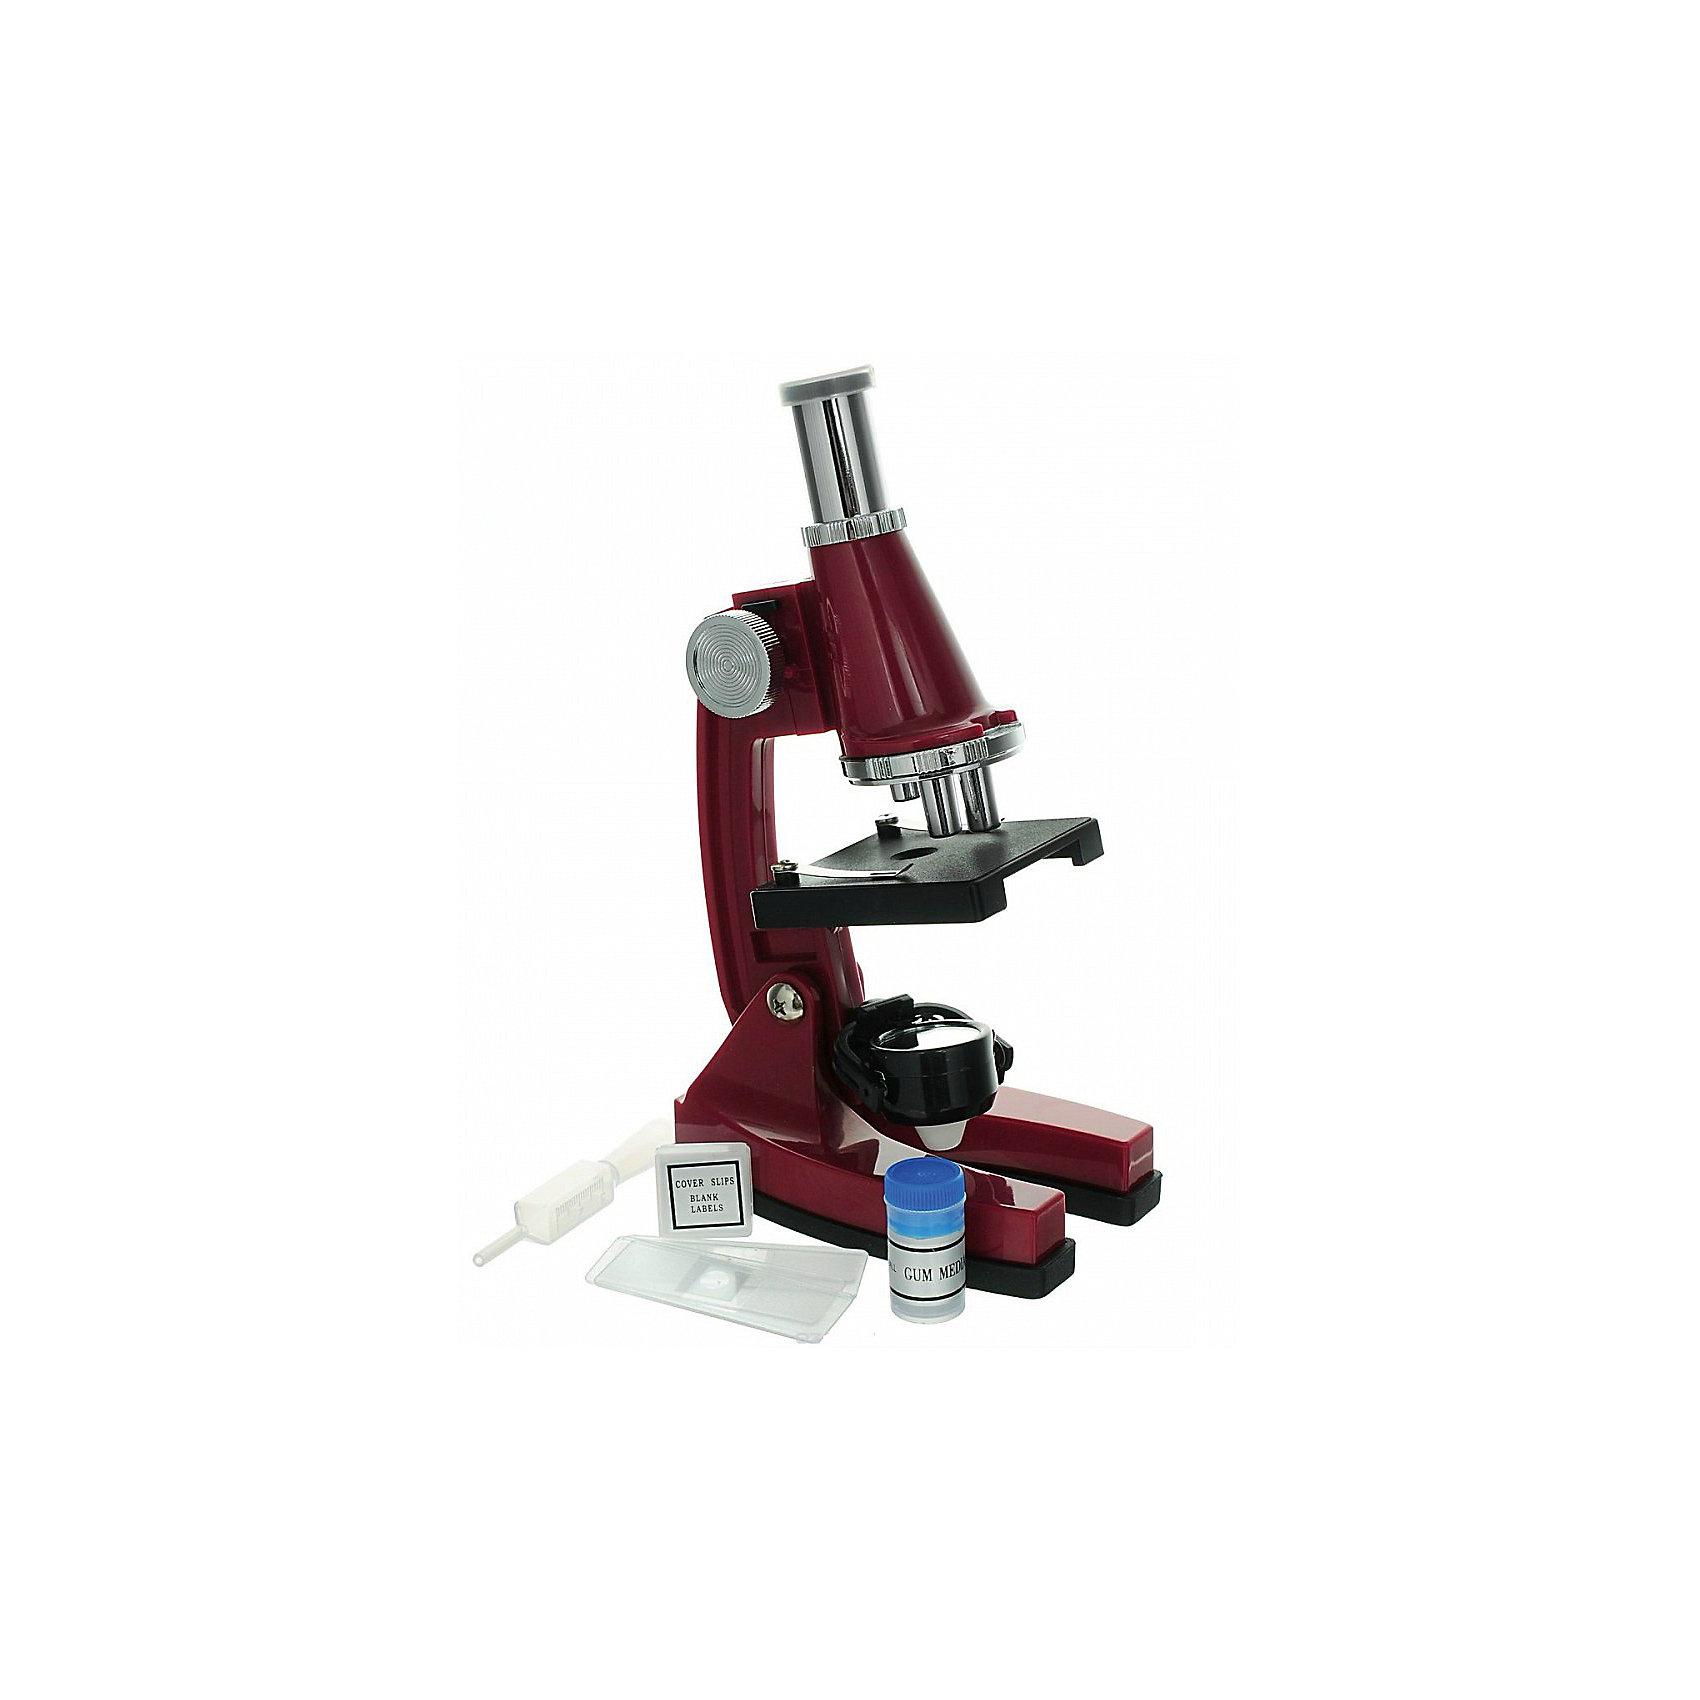 Набор Юный биолог, 18 предм., пласиковый, цвет в ассортиментеМикроскопы<br>Характеристики:<br><br>• возраст: от 8 лет<br>• комплектация: микроскоп; чистые слайды 3шт; готовый слайд; чистые ярлыки 6шт; покрывные стекла 6шт; пипетка; инструкция<br>• размер микроскопа: 12х7х21 см.<br>• батарейки: 2 типа АА<br>• наличие батареек: не входят в комплект<br>• материал: пластик, металл, стекло<br>• ВНИМАНИЕ! Данный артикул представлен в разных вариантах исполнения. К сожалению, заранее выбрать определенный вариант невозможно. При заказе нескольких наборов возможно получение одинаковых<br><br>Набор «Юный биолог» содержит микроскоп и 17 предметов, с помощью которых можно изучать и наблюдать удивительный микромир.<br><br>Окуляр микроскопа имеет десятикратное увеличение. Вращающаяся колонка содержит три объектива с разной степенью увеличения (10х, 20х, 45х). Под колонкой находится столик с отверстием, для того чтобы дневной свет отраженный от зеркала мог попадать в объектив. Зажимы столика надежно фиксируют слайды.<br><br>Благодаря прорезиненному основанию микроскоп будет прочно стоять на поверхности.<br><br>Набор Юный биолог, 18 предм., пласиковый, цвет в ассортименте можно купить в нашем интернет-магазине.<br><br>Ширина мм: 160<br>Глубина мм: 240<br>Высота мм: 80<br>Вес г: 425<br>Возраст от месяцев: 96<br>Возраст до месяцев: 2147483647<br>Пол: Унисекс<br>Возраст: Детский<br>SKU: 6674609